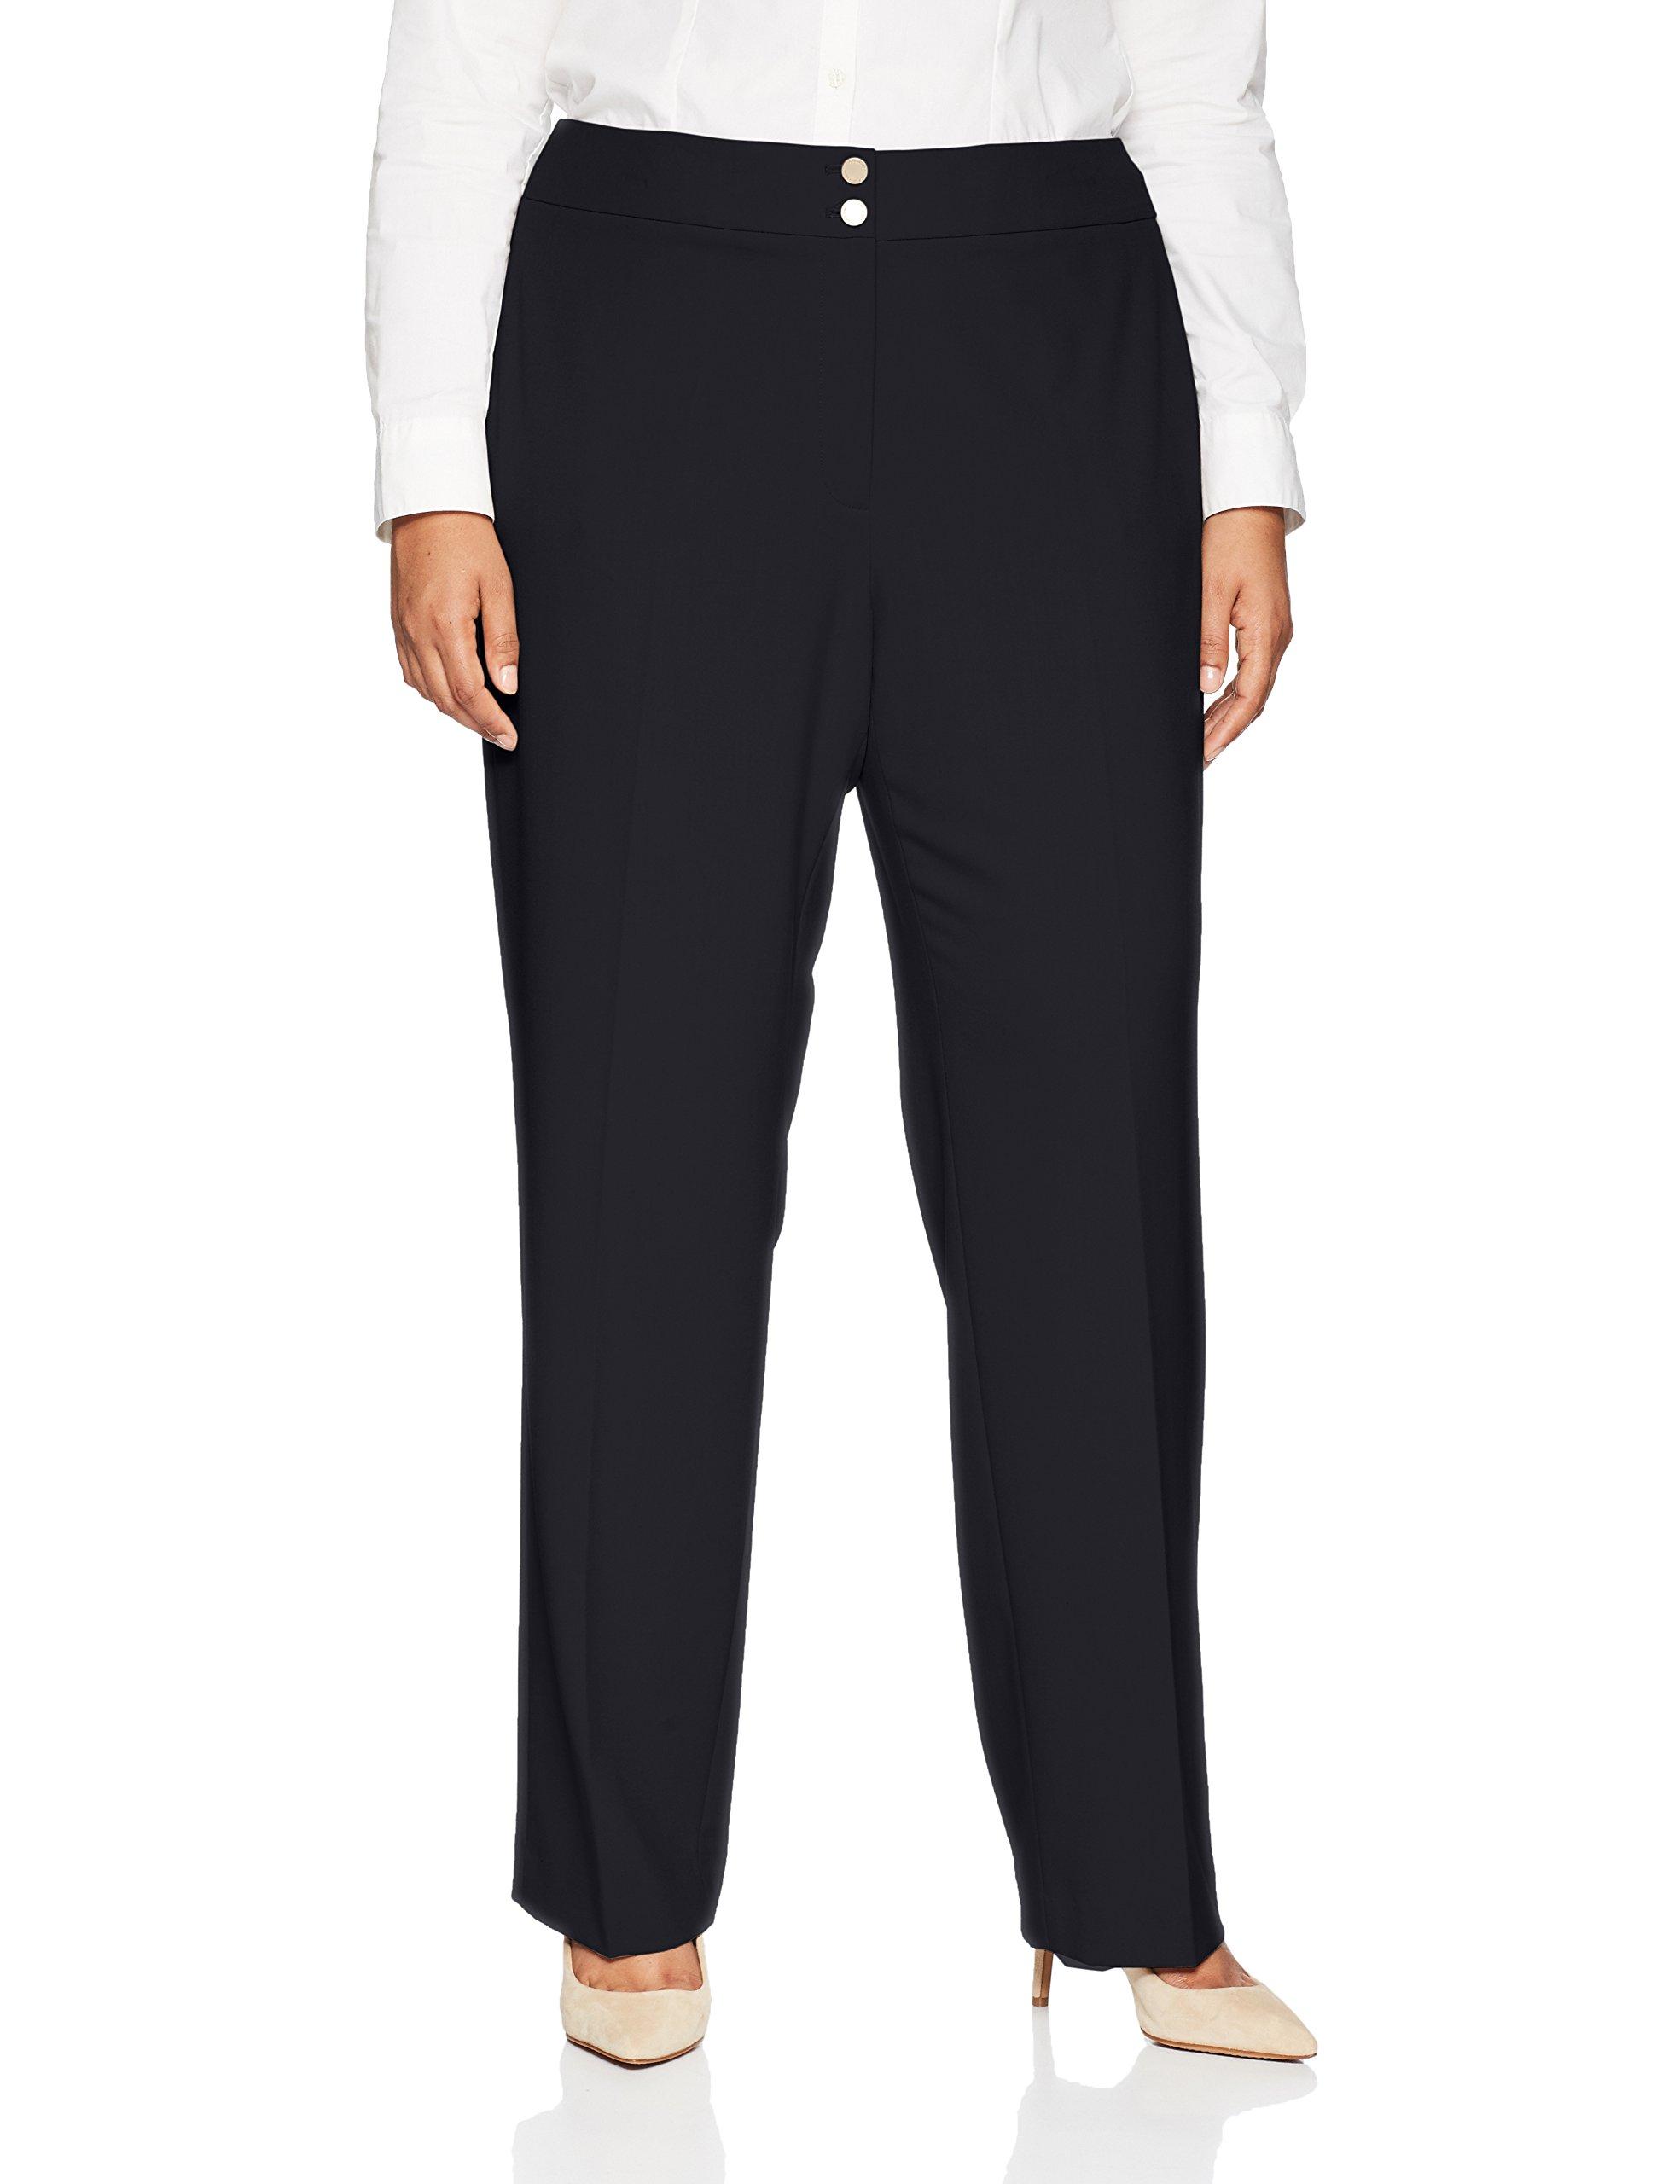 Calvin Klein Women's Plus Size Classic Fit Lux Pant, Navy, 18W